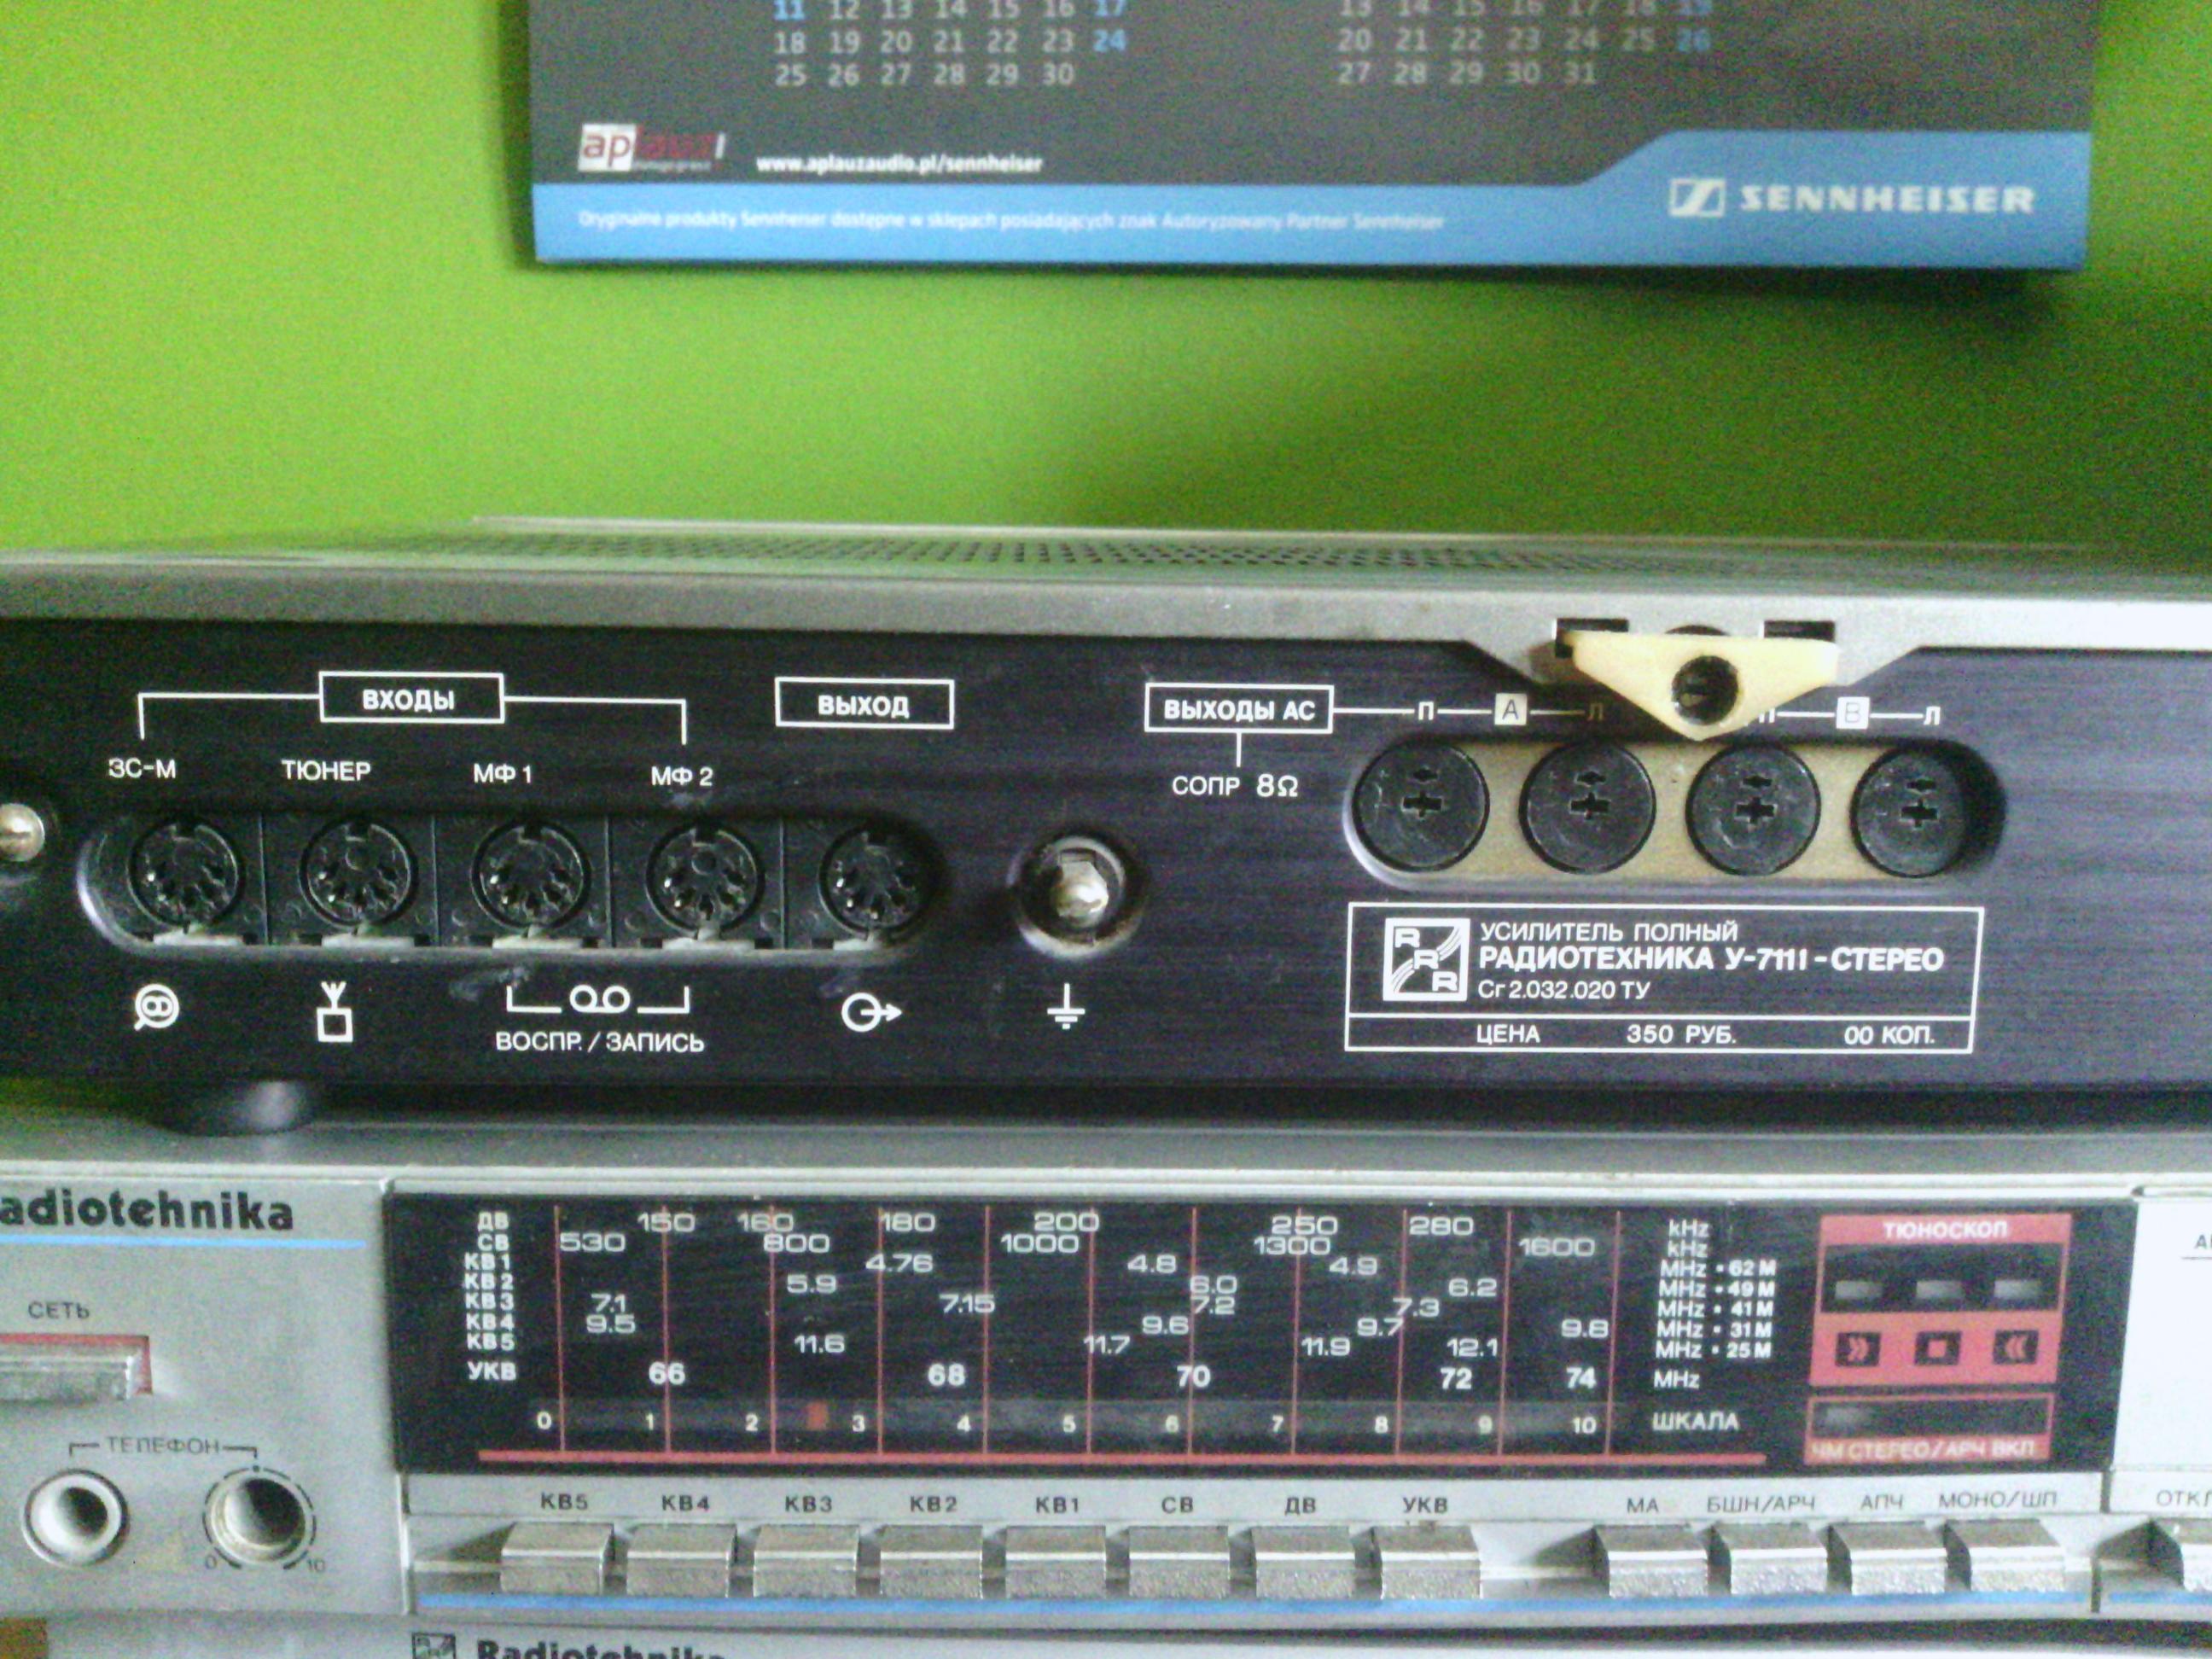 Radiotechnika Wzm. Y7111 + S-30b + PC = jak to po��czy� razem ?